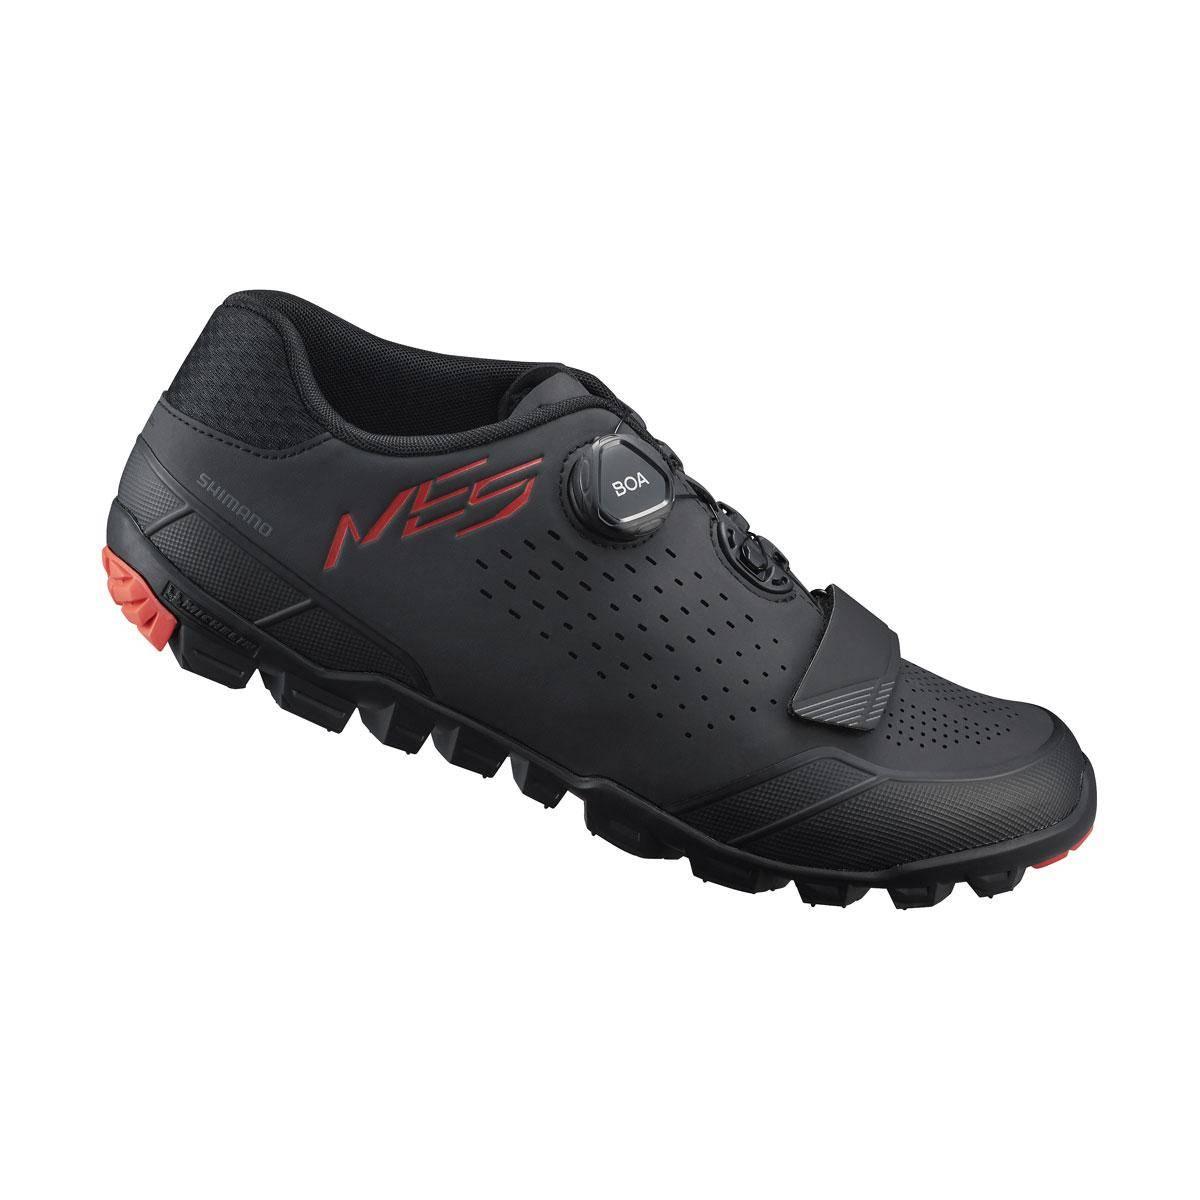 SHIMANO MTB obuv SH-ME501ML43, černá, 43